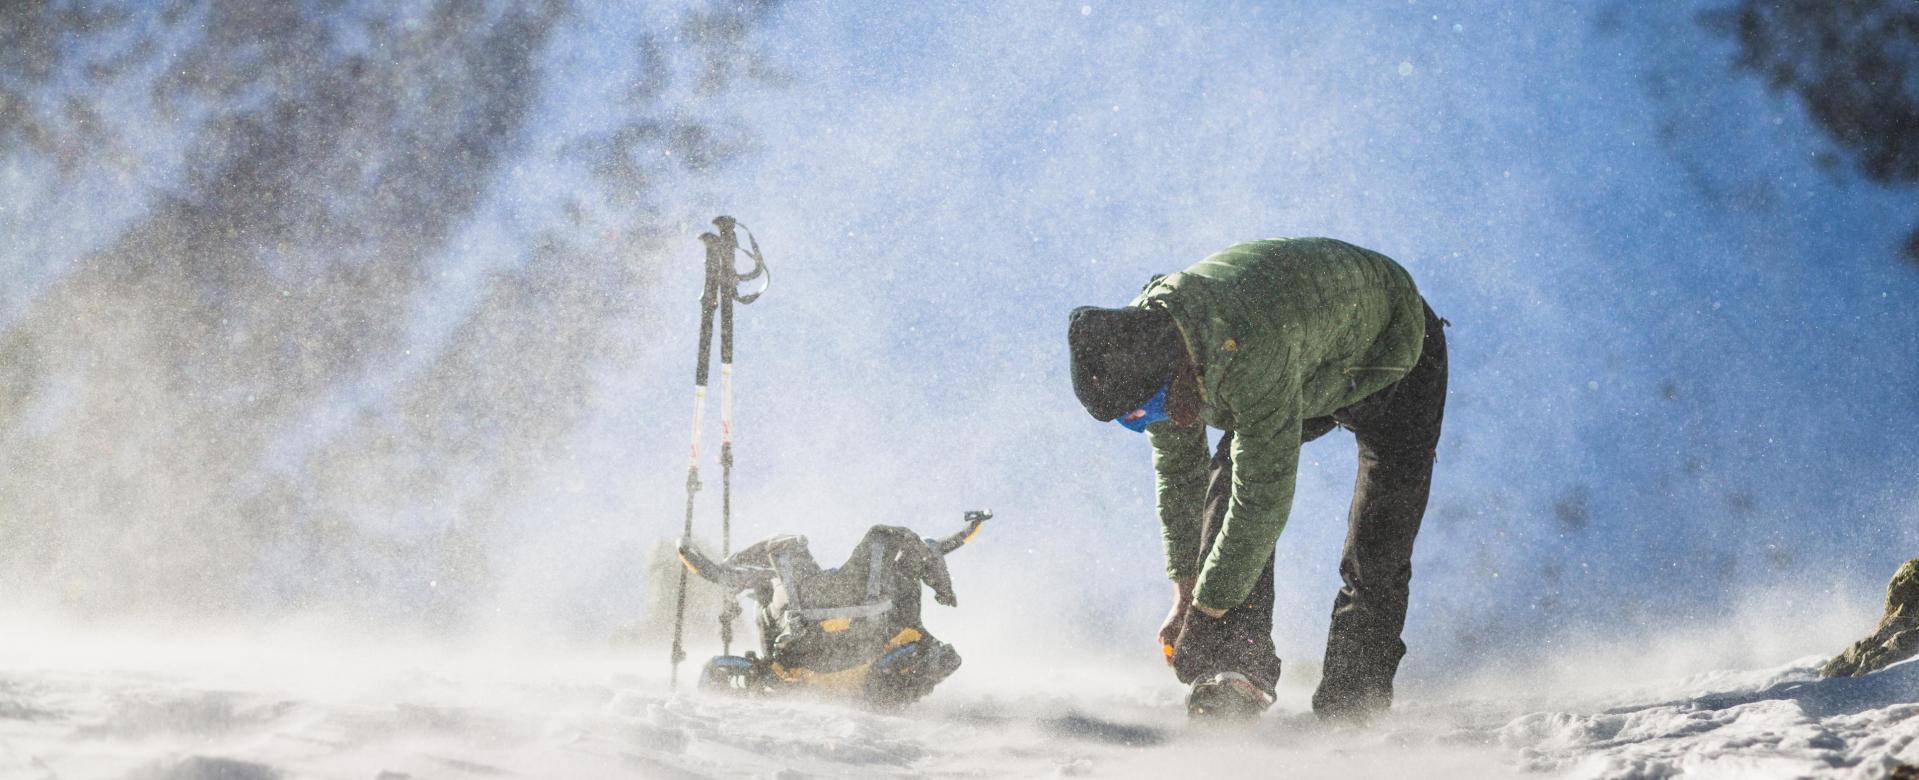 Voyage à la neige : Réveillon sous la neige au monastère de rila